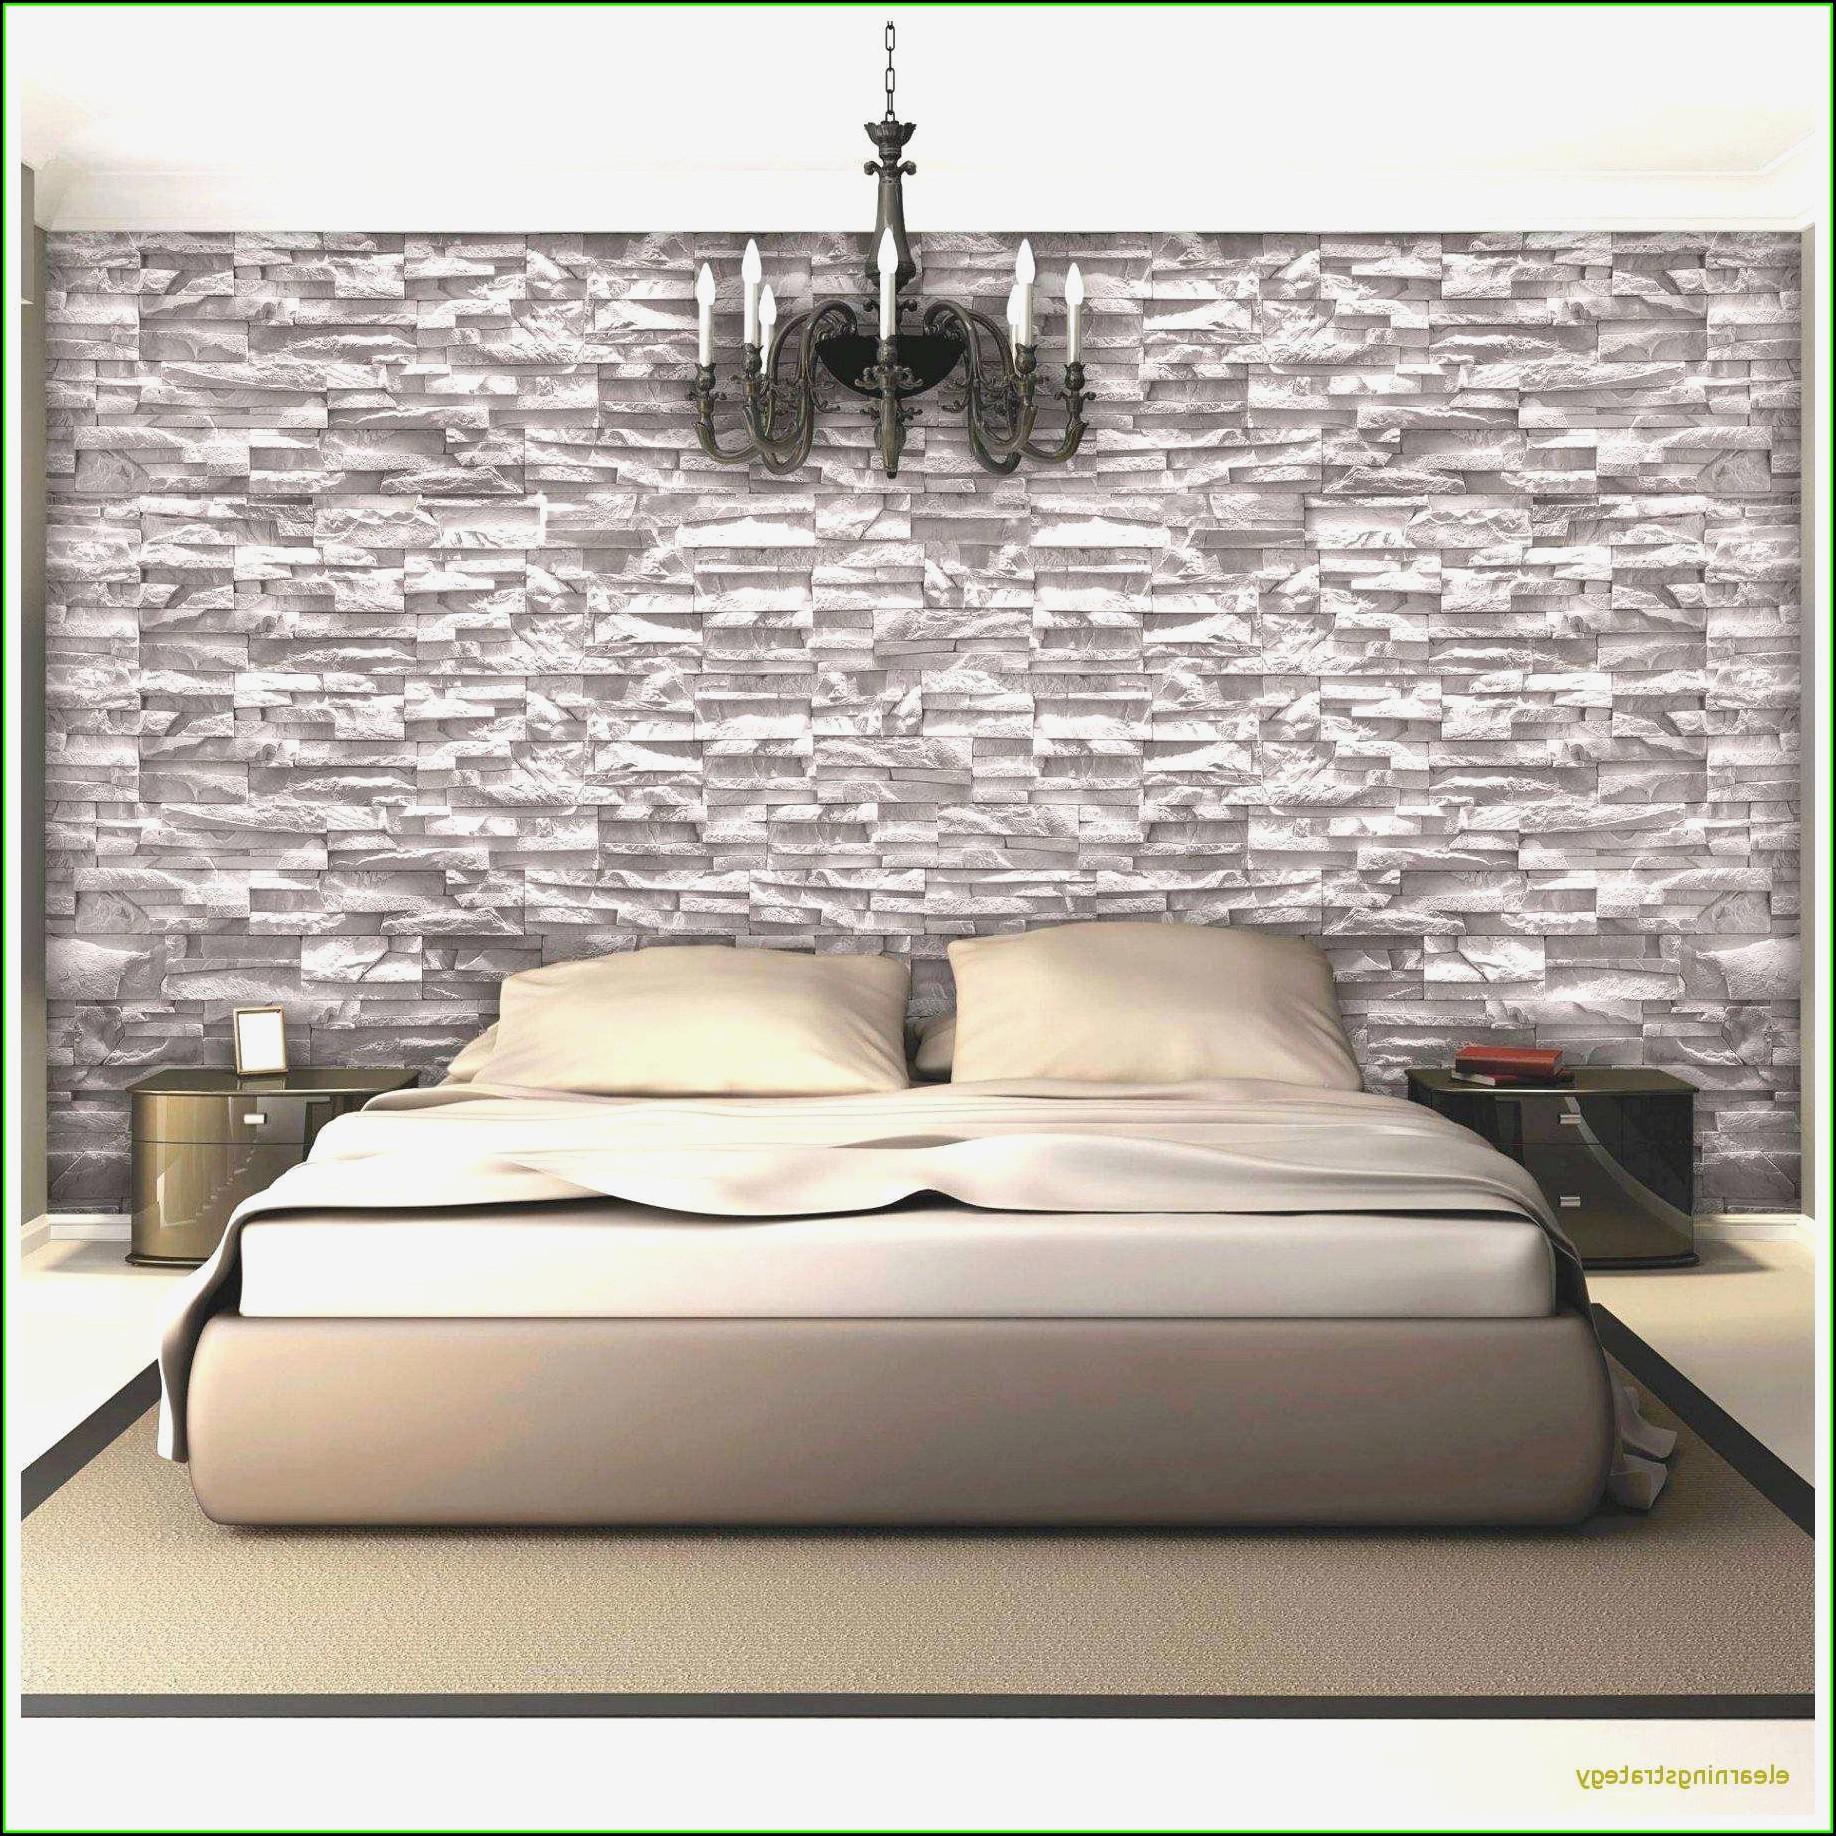 Tapete Schlafzimmer Ideen